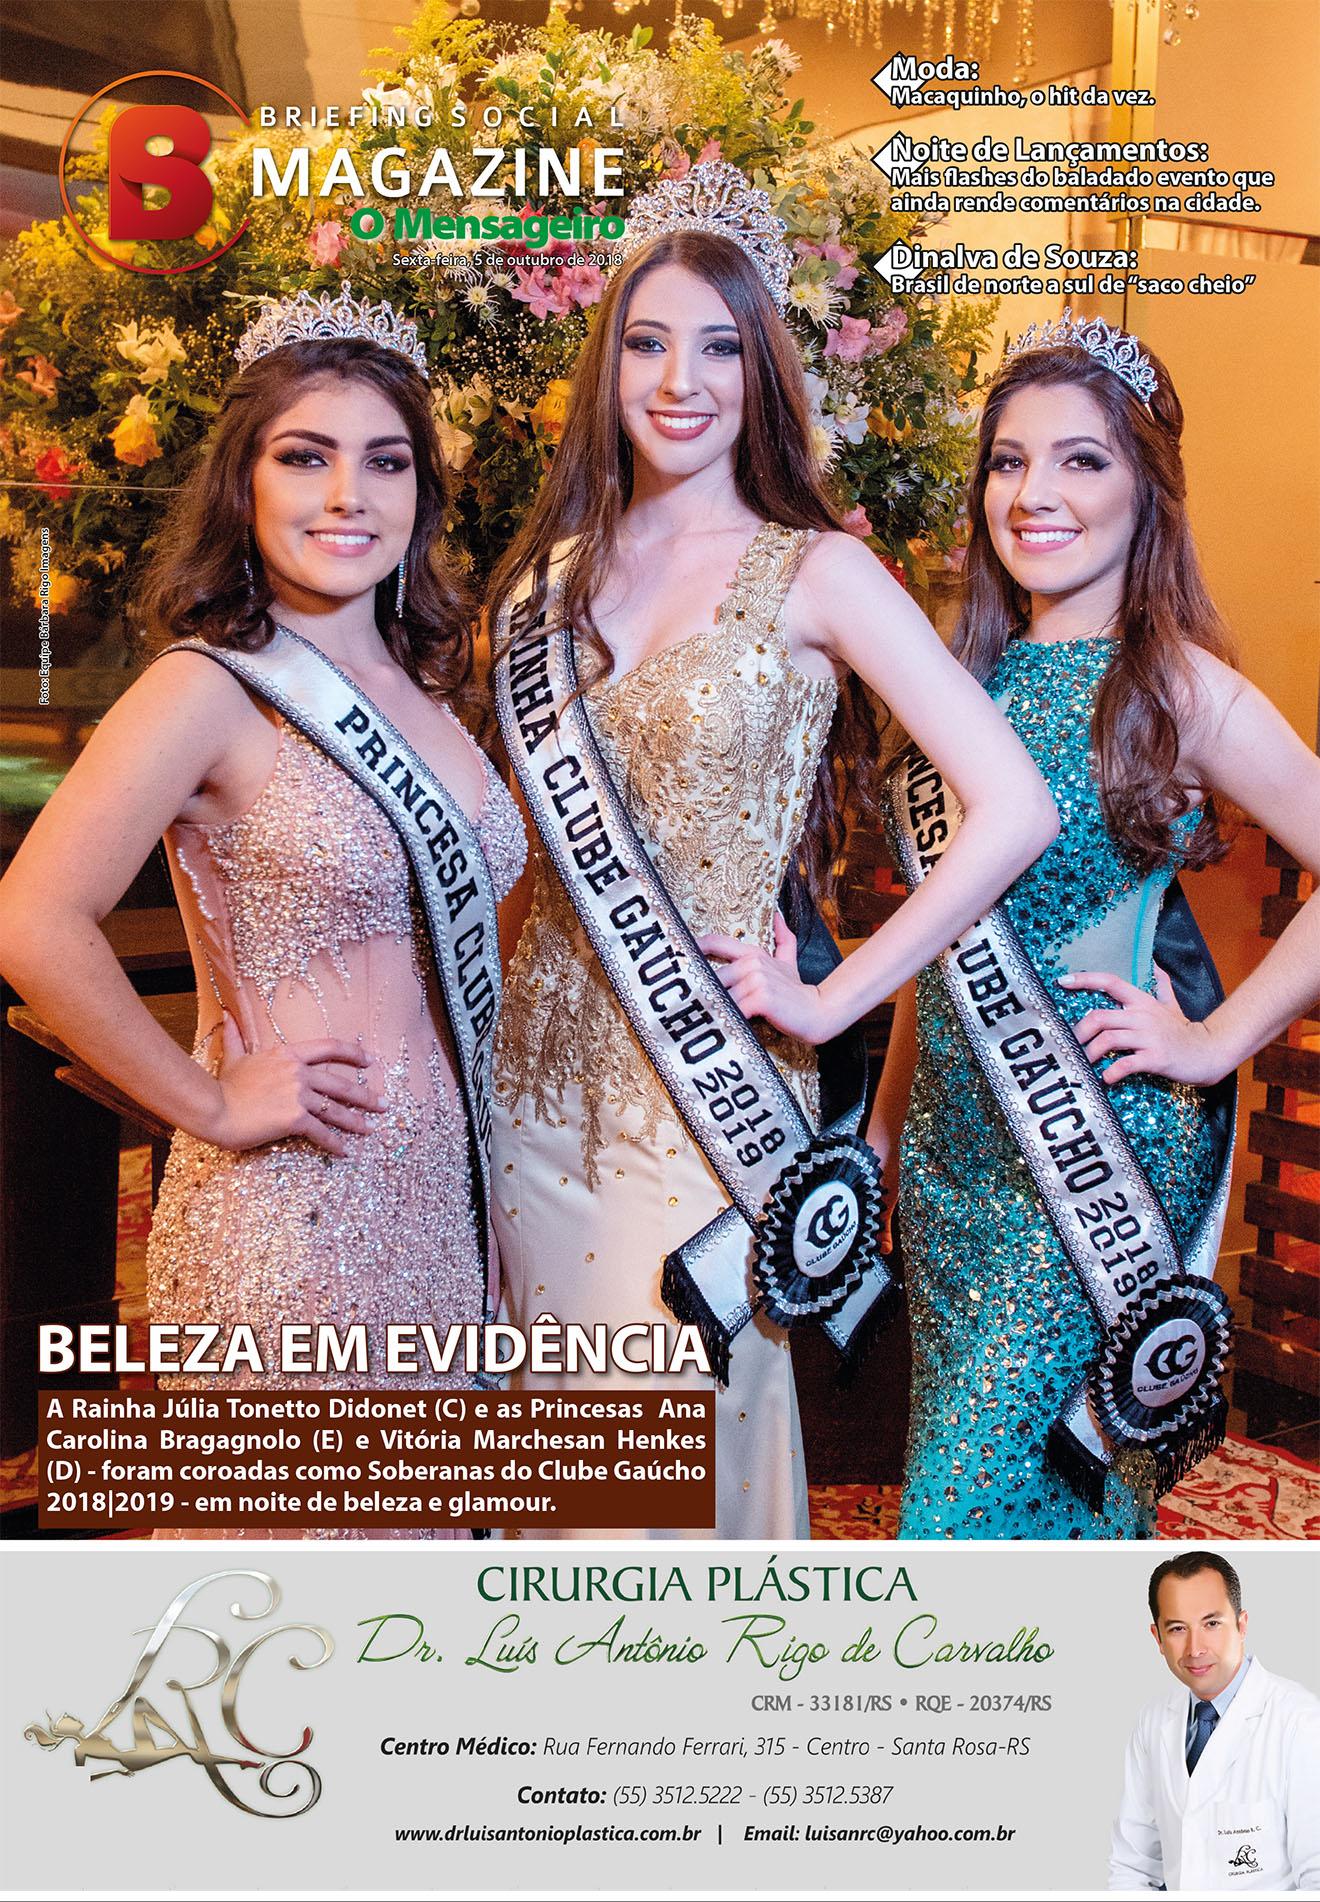 03102018 - BS Magazine.indd